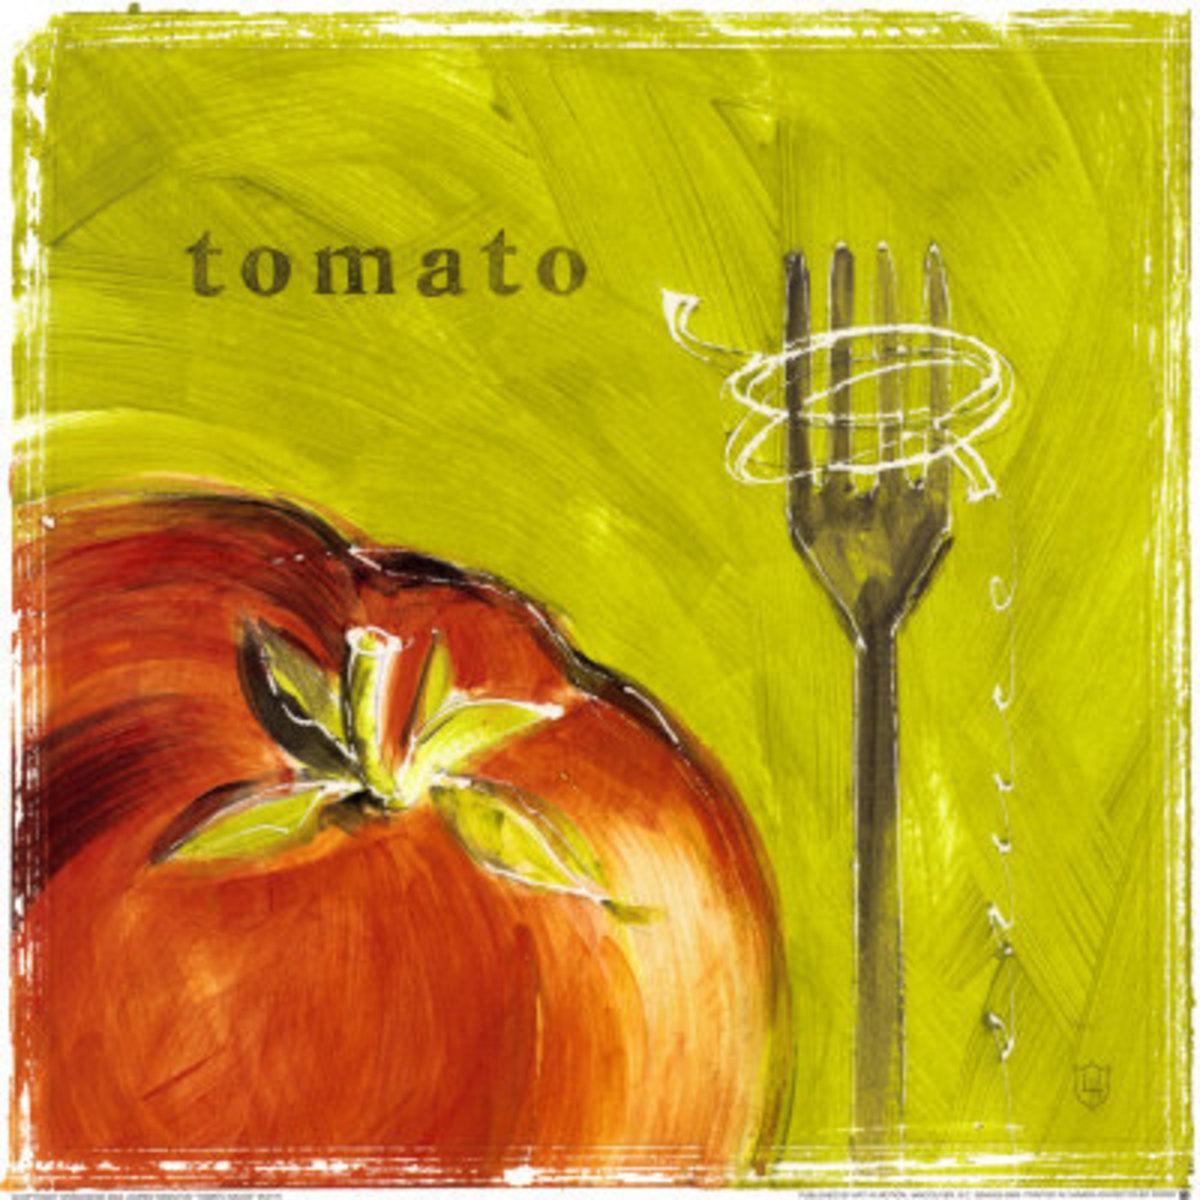 Lauren Hamilton Tomato Sauce Art Print